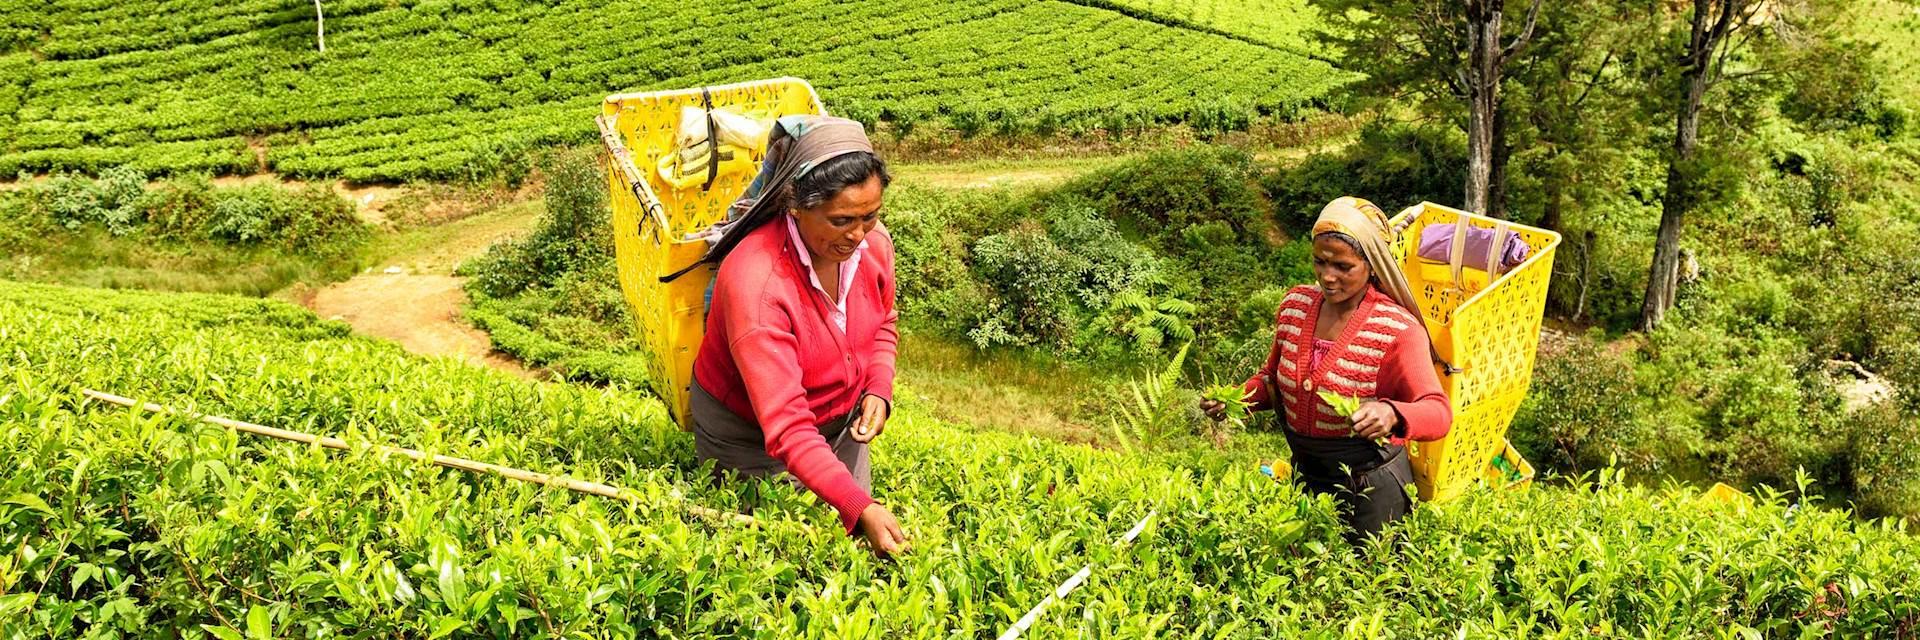 Tea pickers in Nuwara Eliya